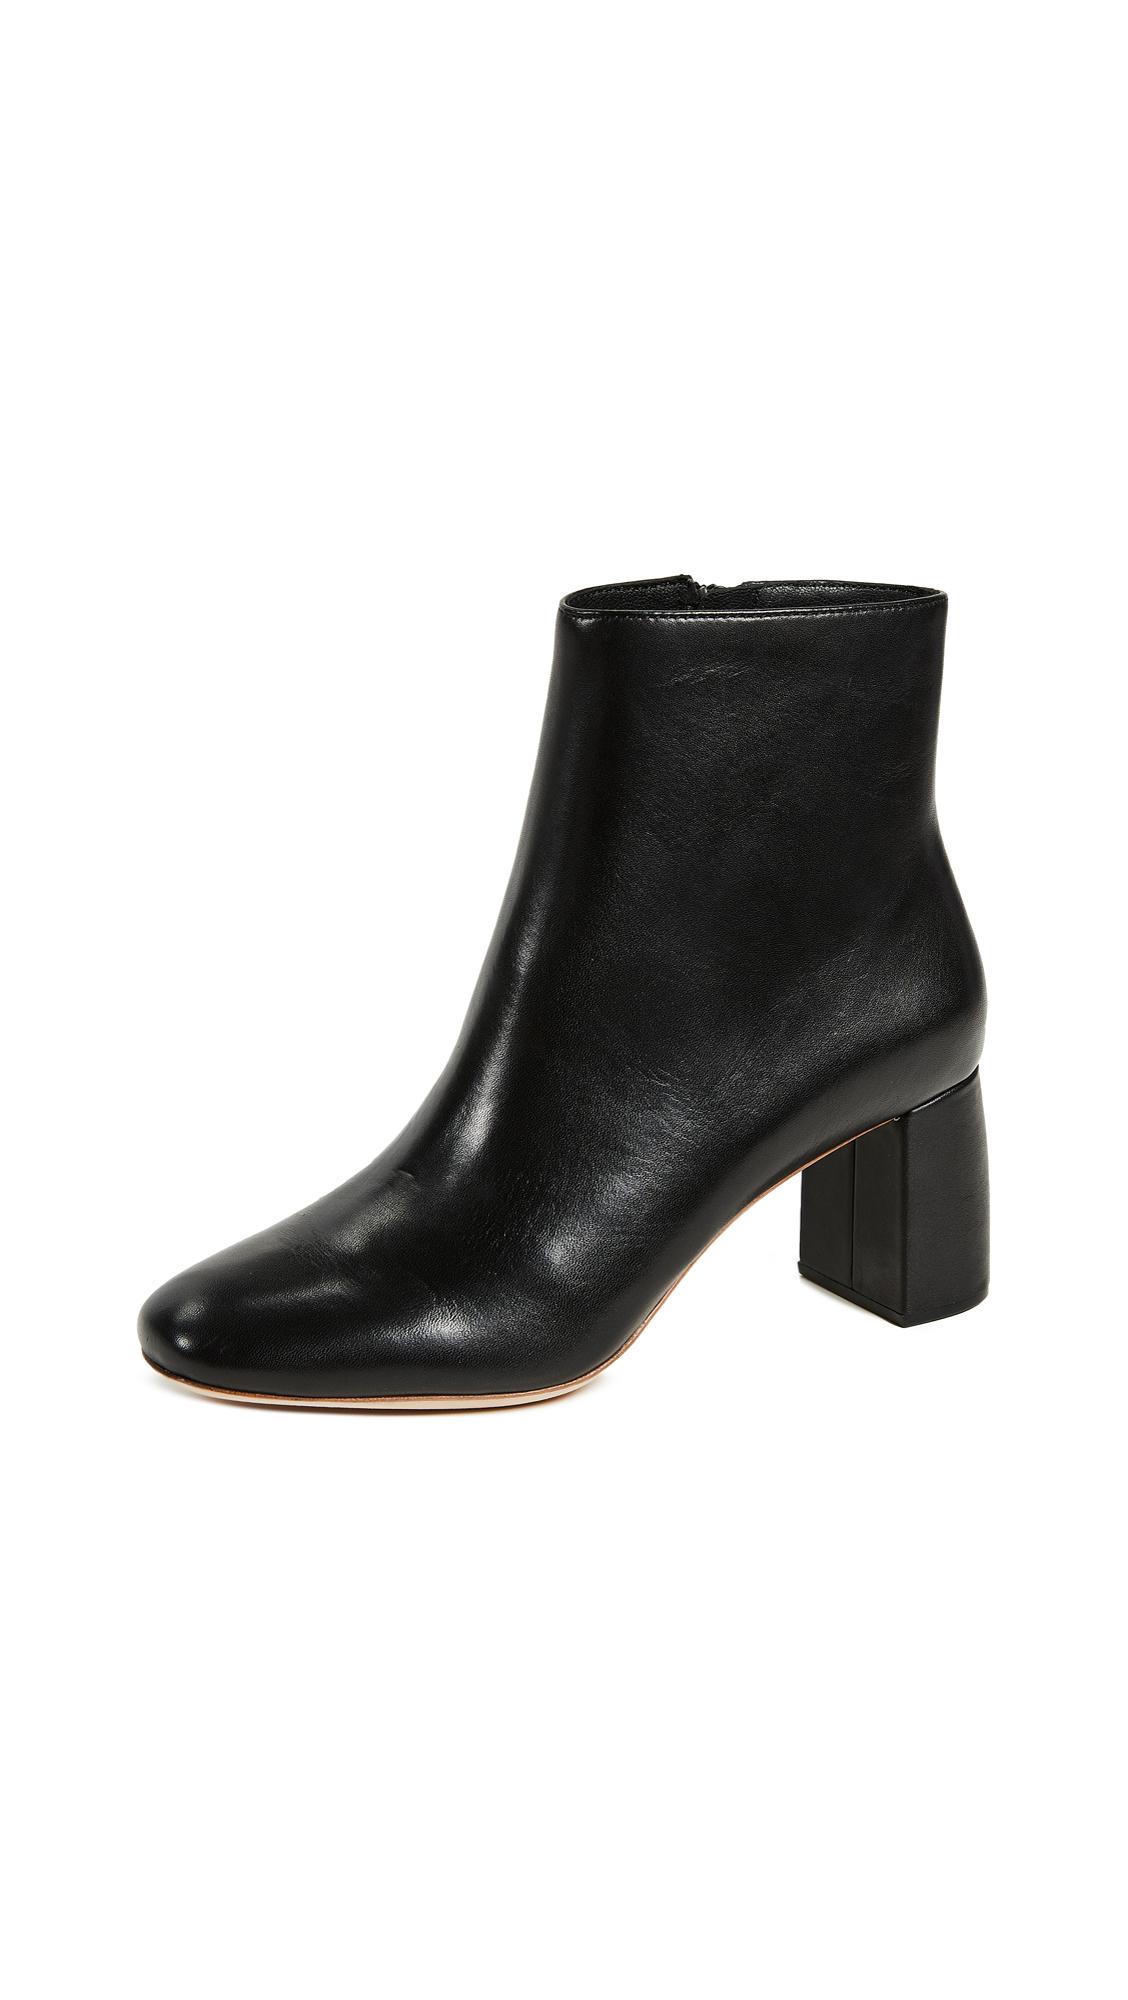 0e976d9536d6 Loeffler Randall Women S Cooper Almond Toe Leather Block High-Heel ...